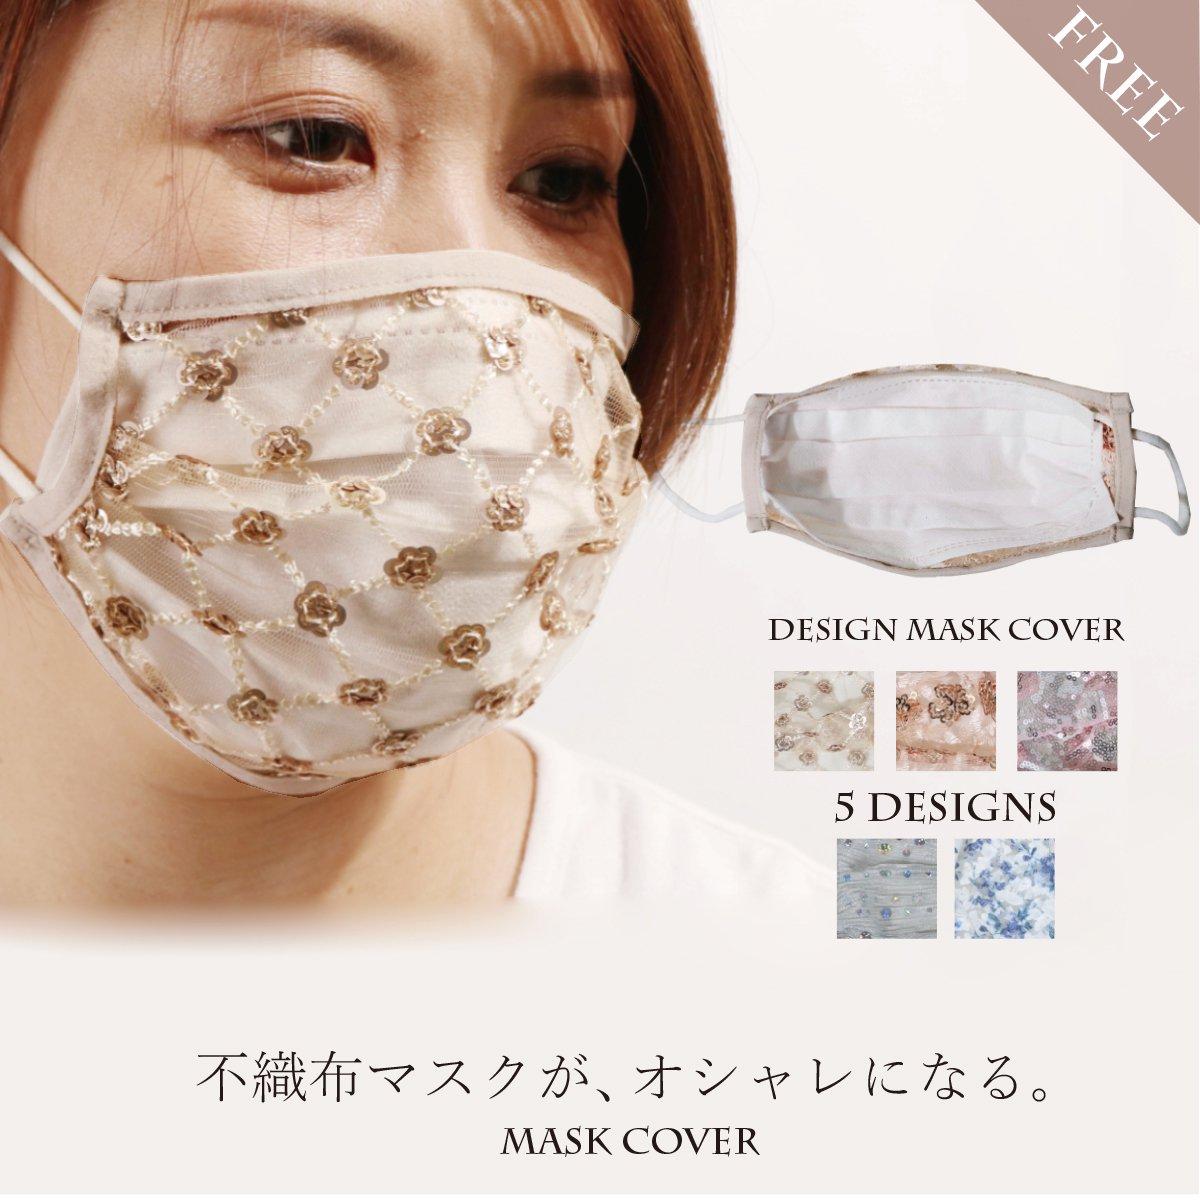 マスク カバー ドレスアップ 洗える プリーツ おしゃれ 可愛い かわいい 女性 レディース  立体マスク 花粉症 衛生的 不織布マスクと合わせて【ゆうパック送料無料】